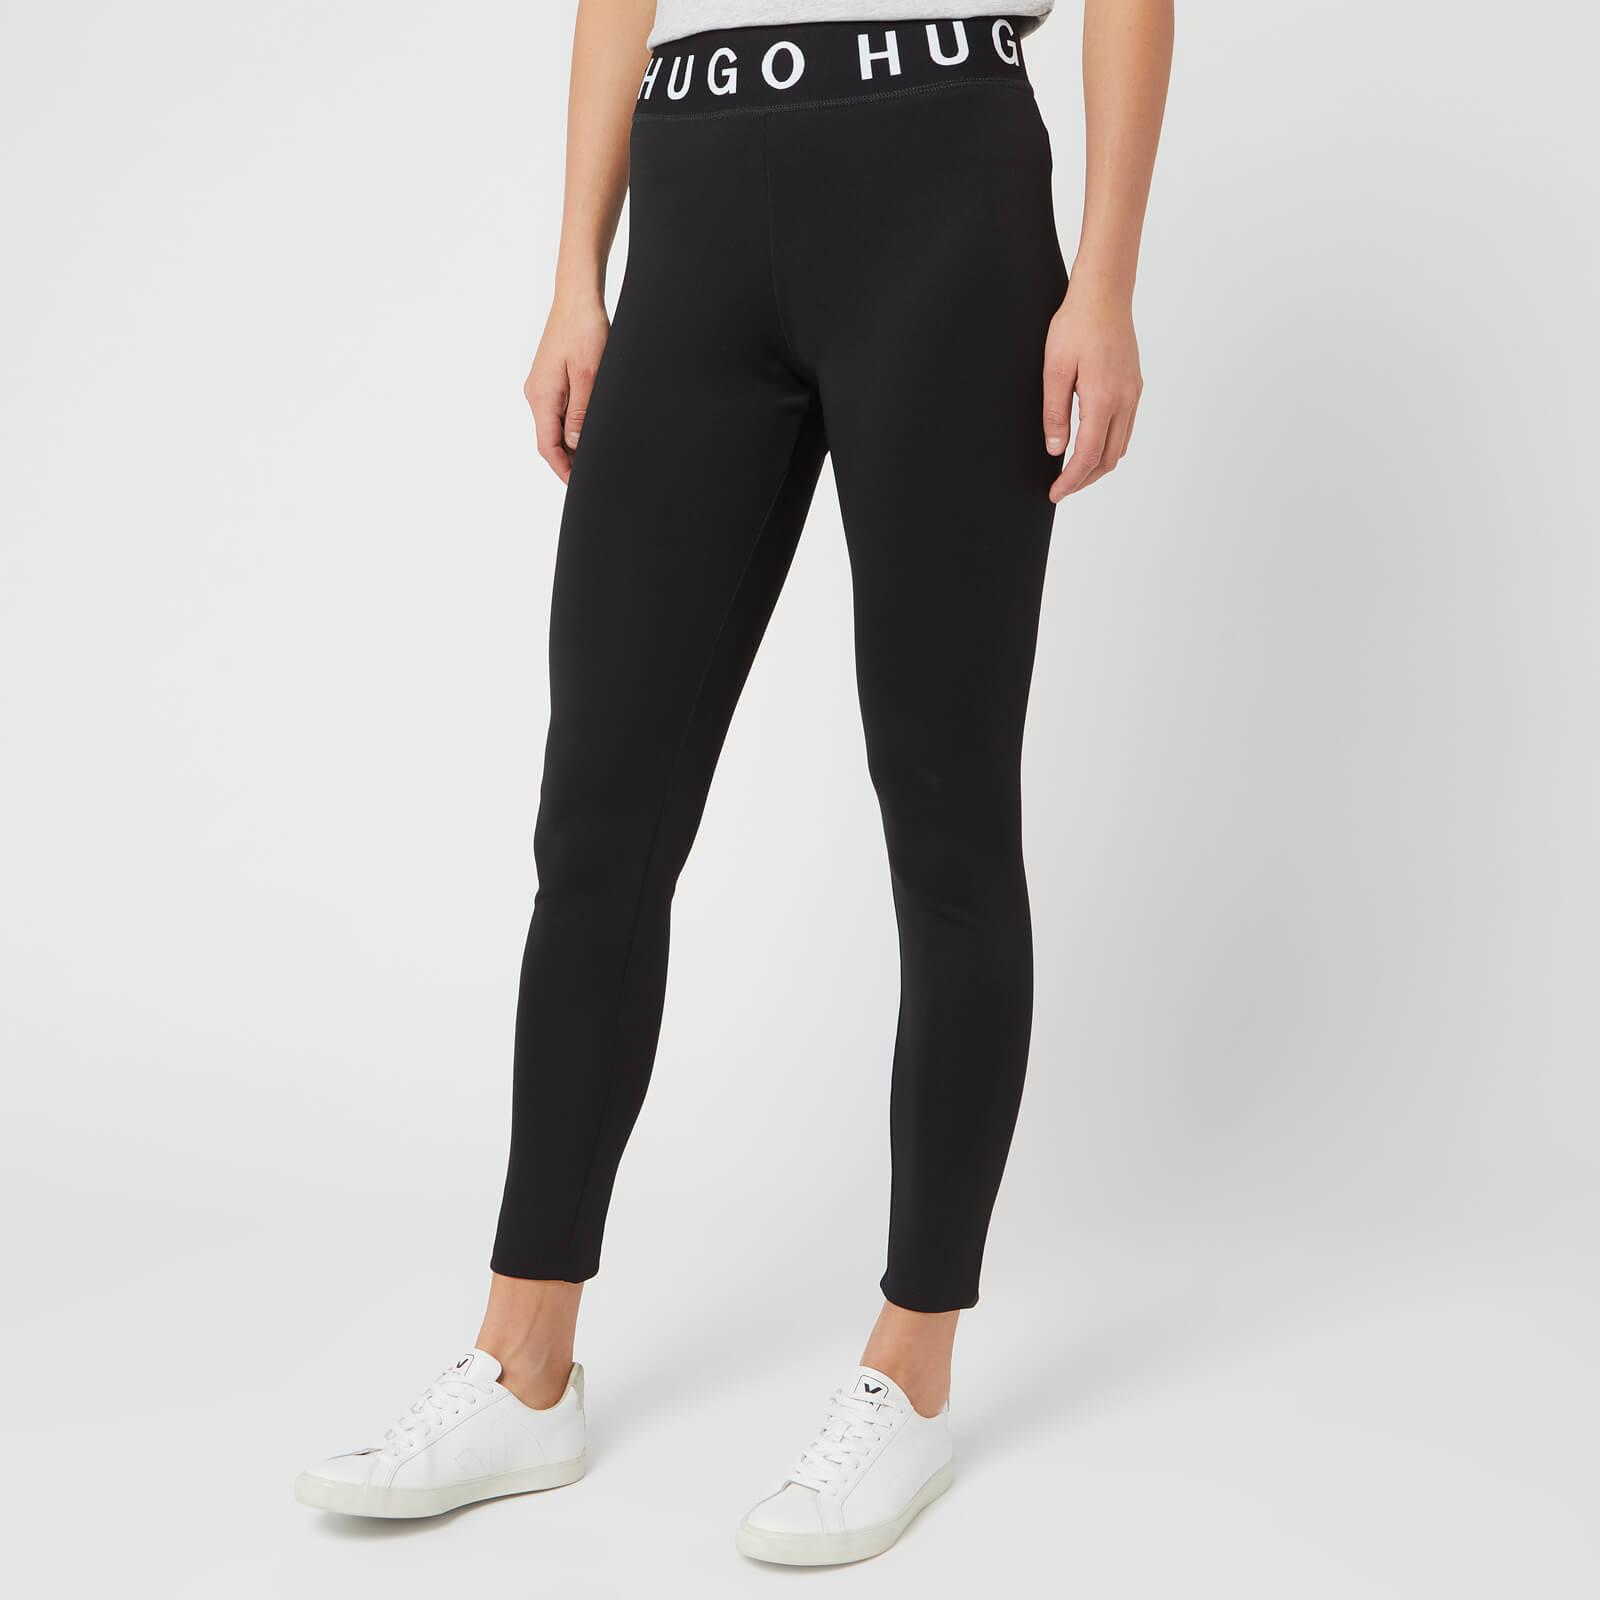 Hugo Boss Women's Nafty Leggings - Black - L